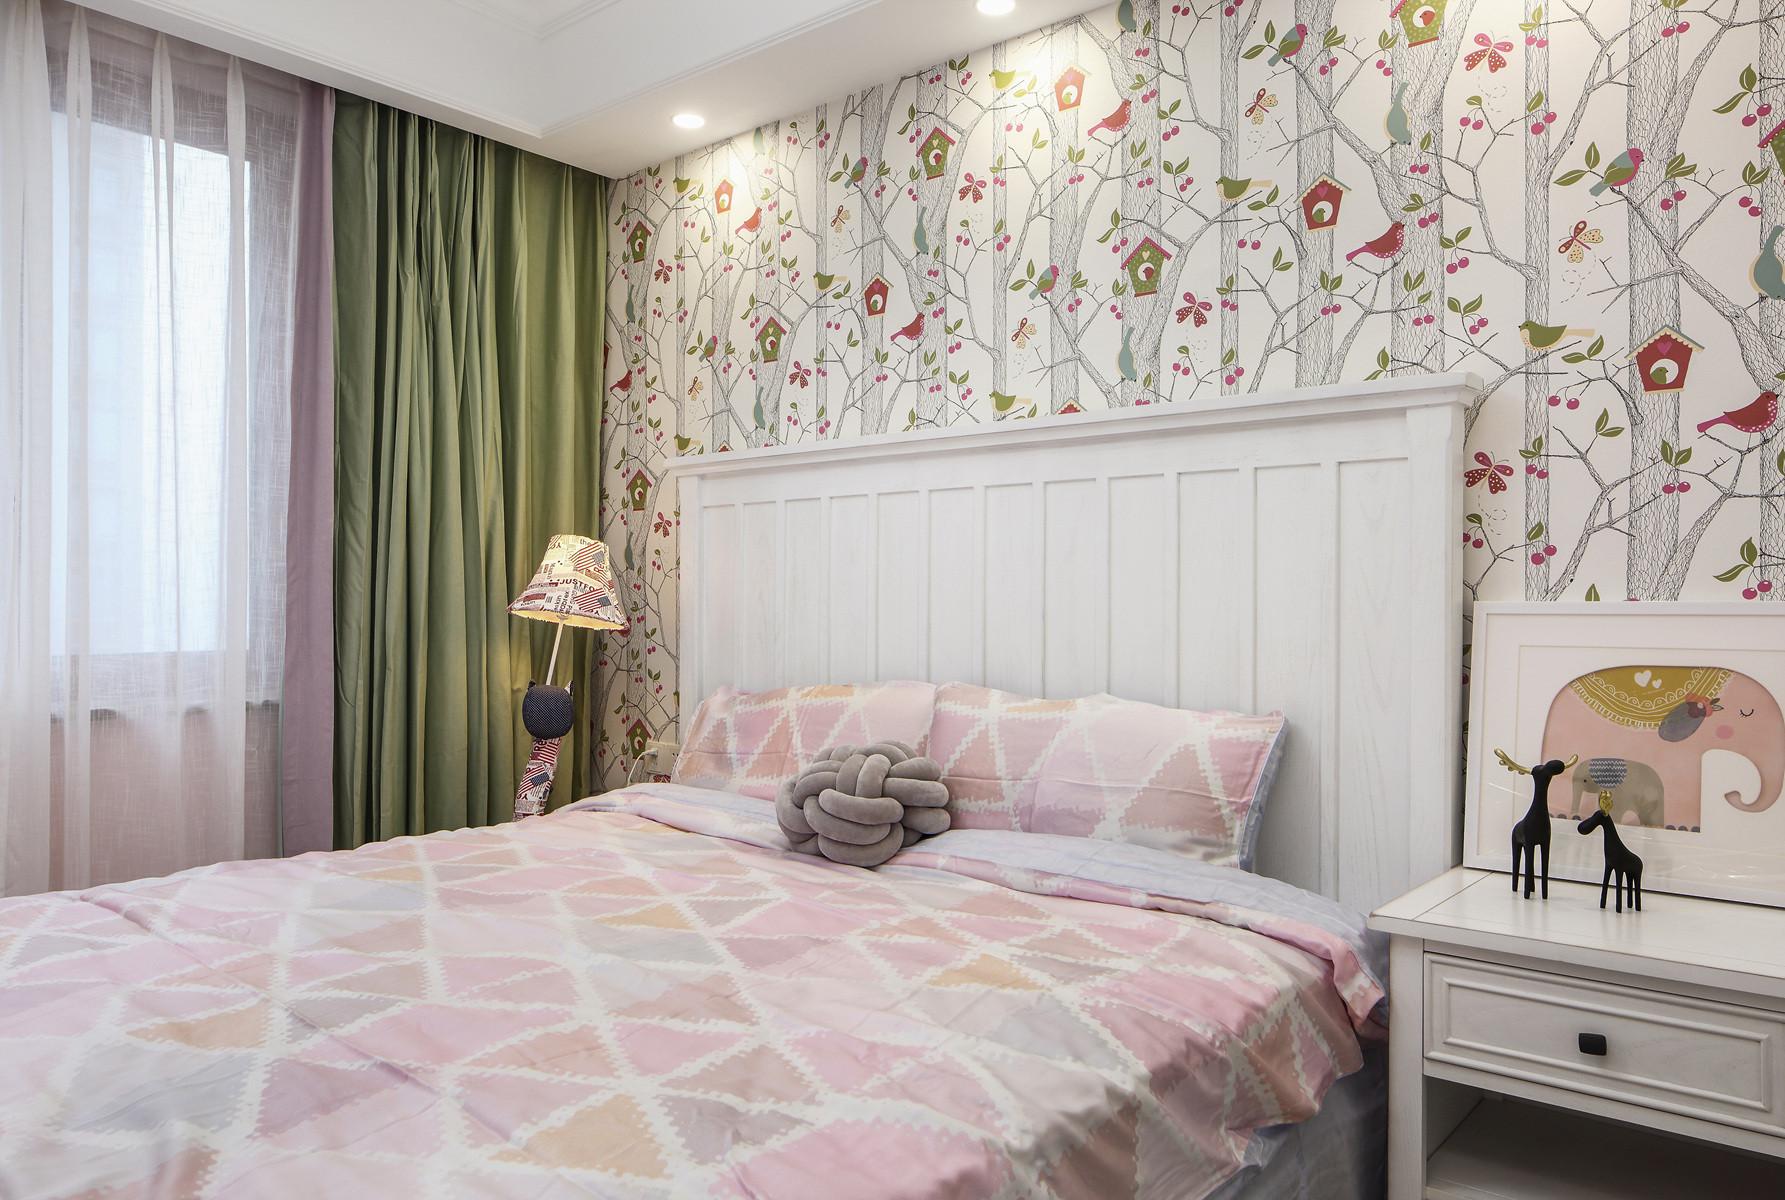 背景墙 房间 家居 起居室 设计 卧室 卧室装修 现代 装修 1785_1200